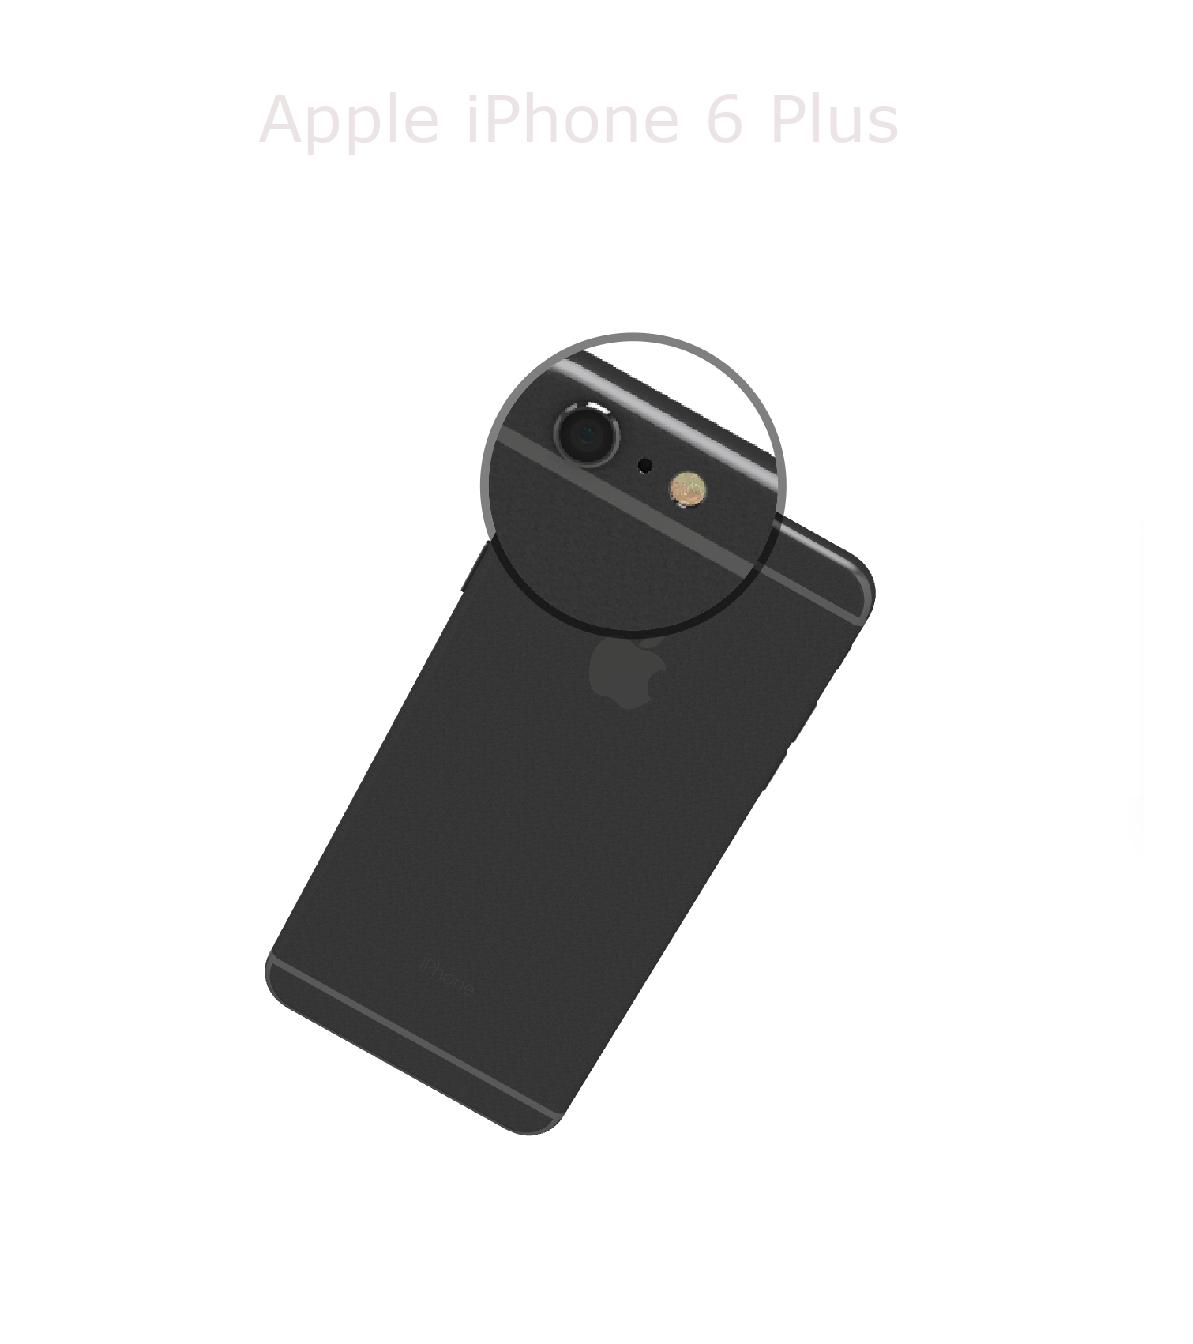 Laga kameralins iphone 6 plus